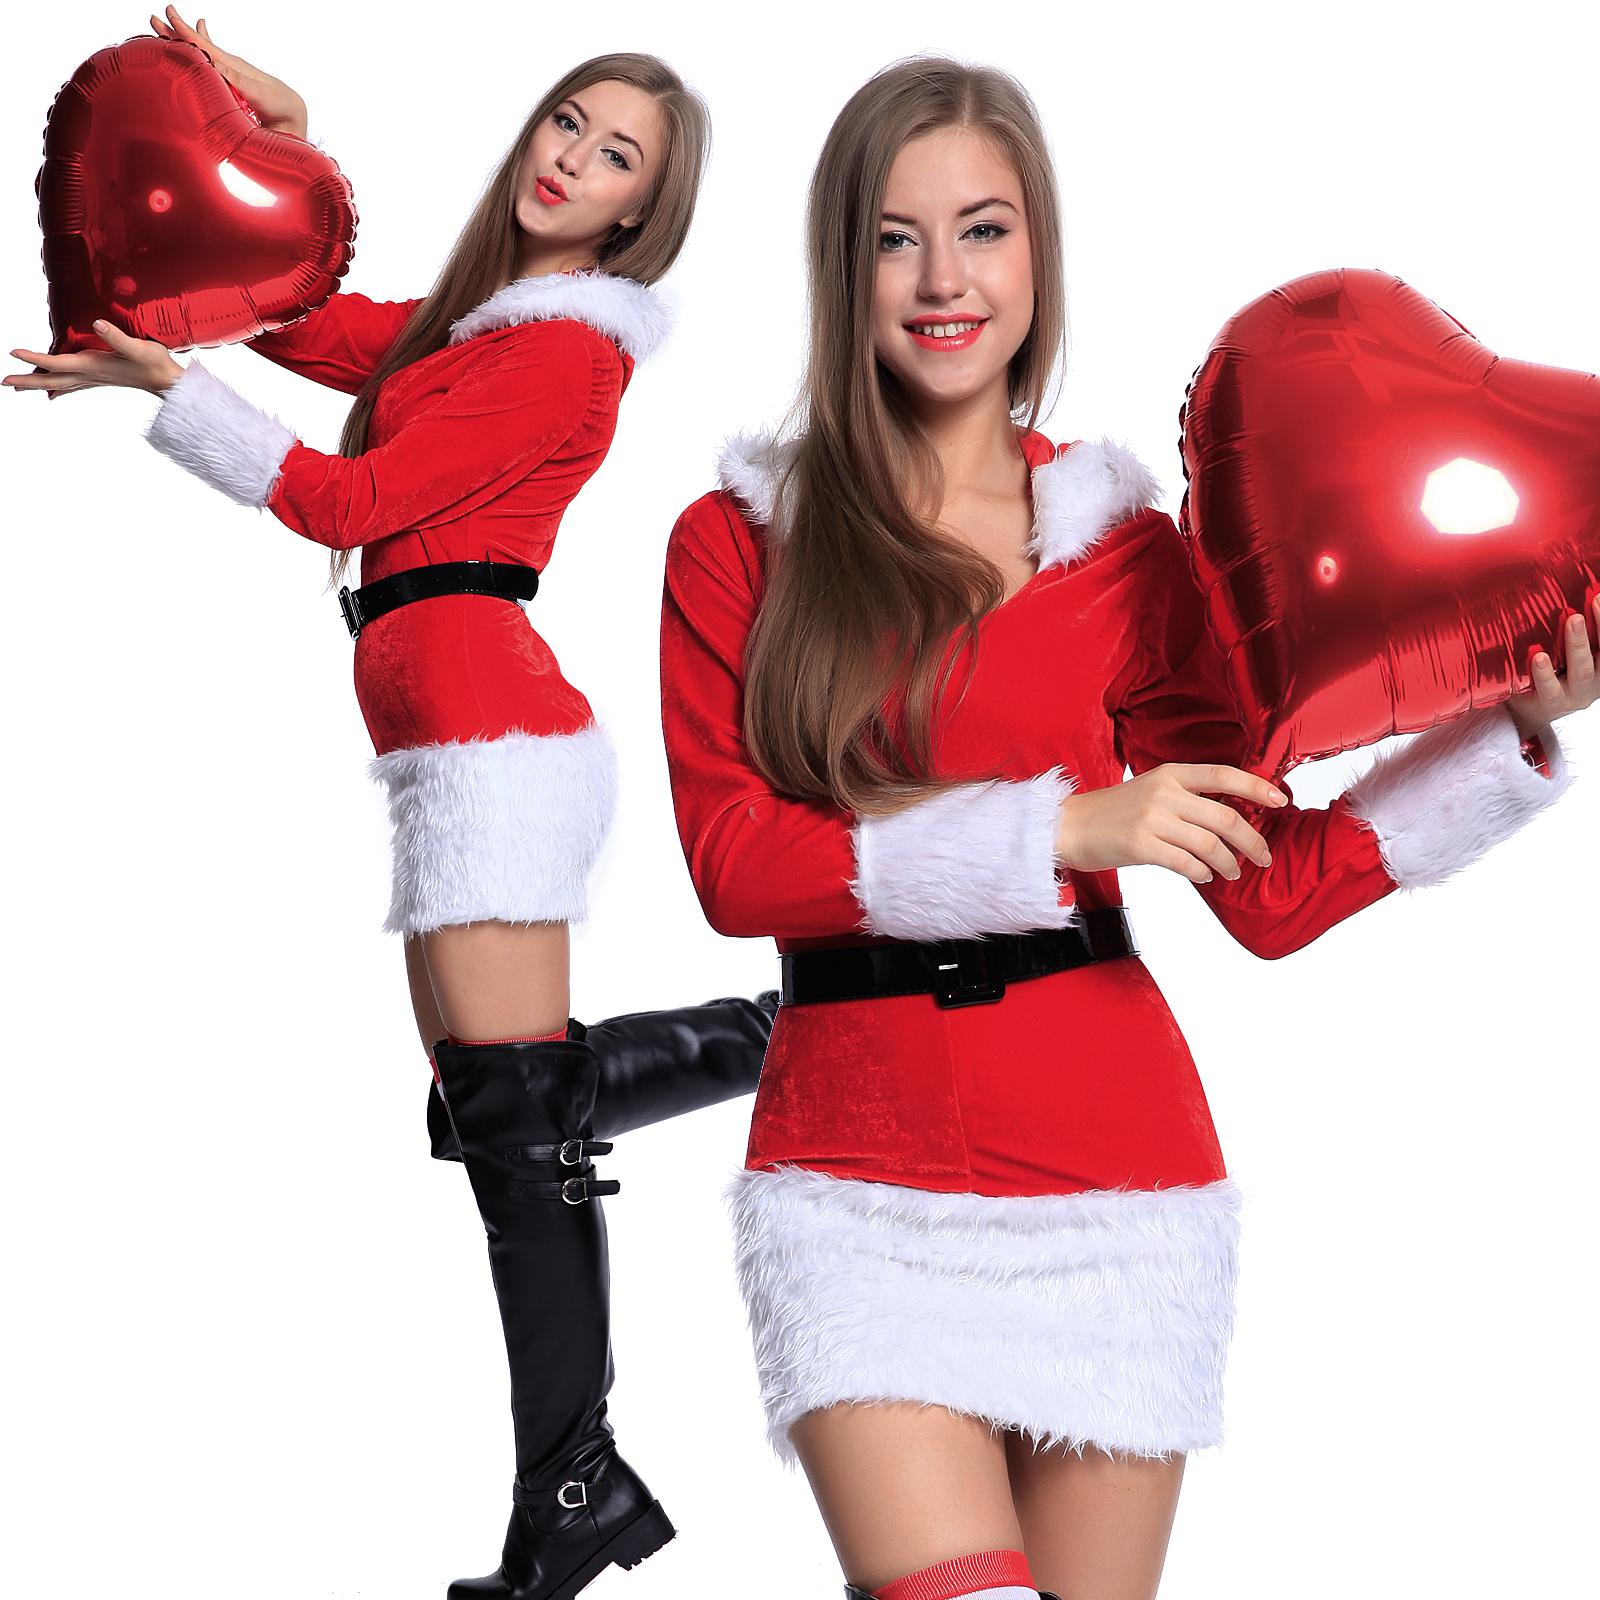 kost m m dchen damen weihnachtsfrau kleider weihnachten. Black Bedroom Furniture Sets. Home Design Ideas